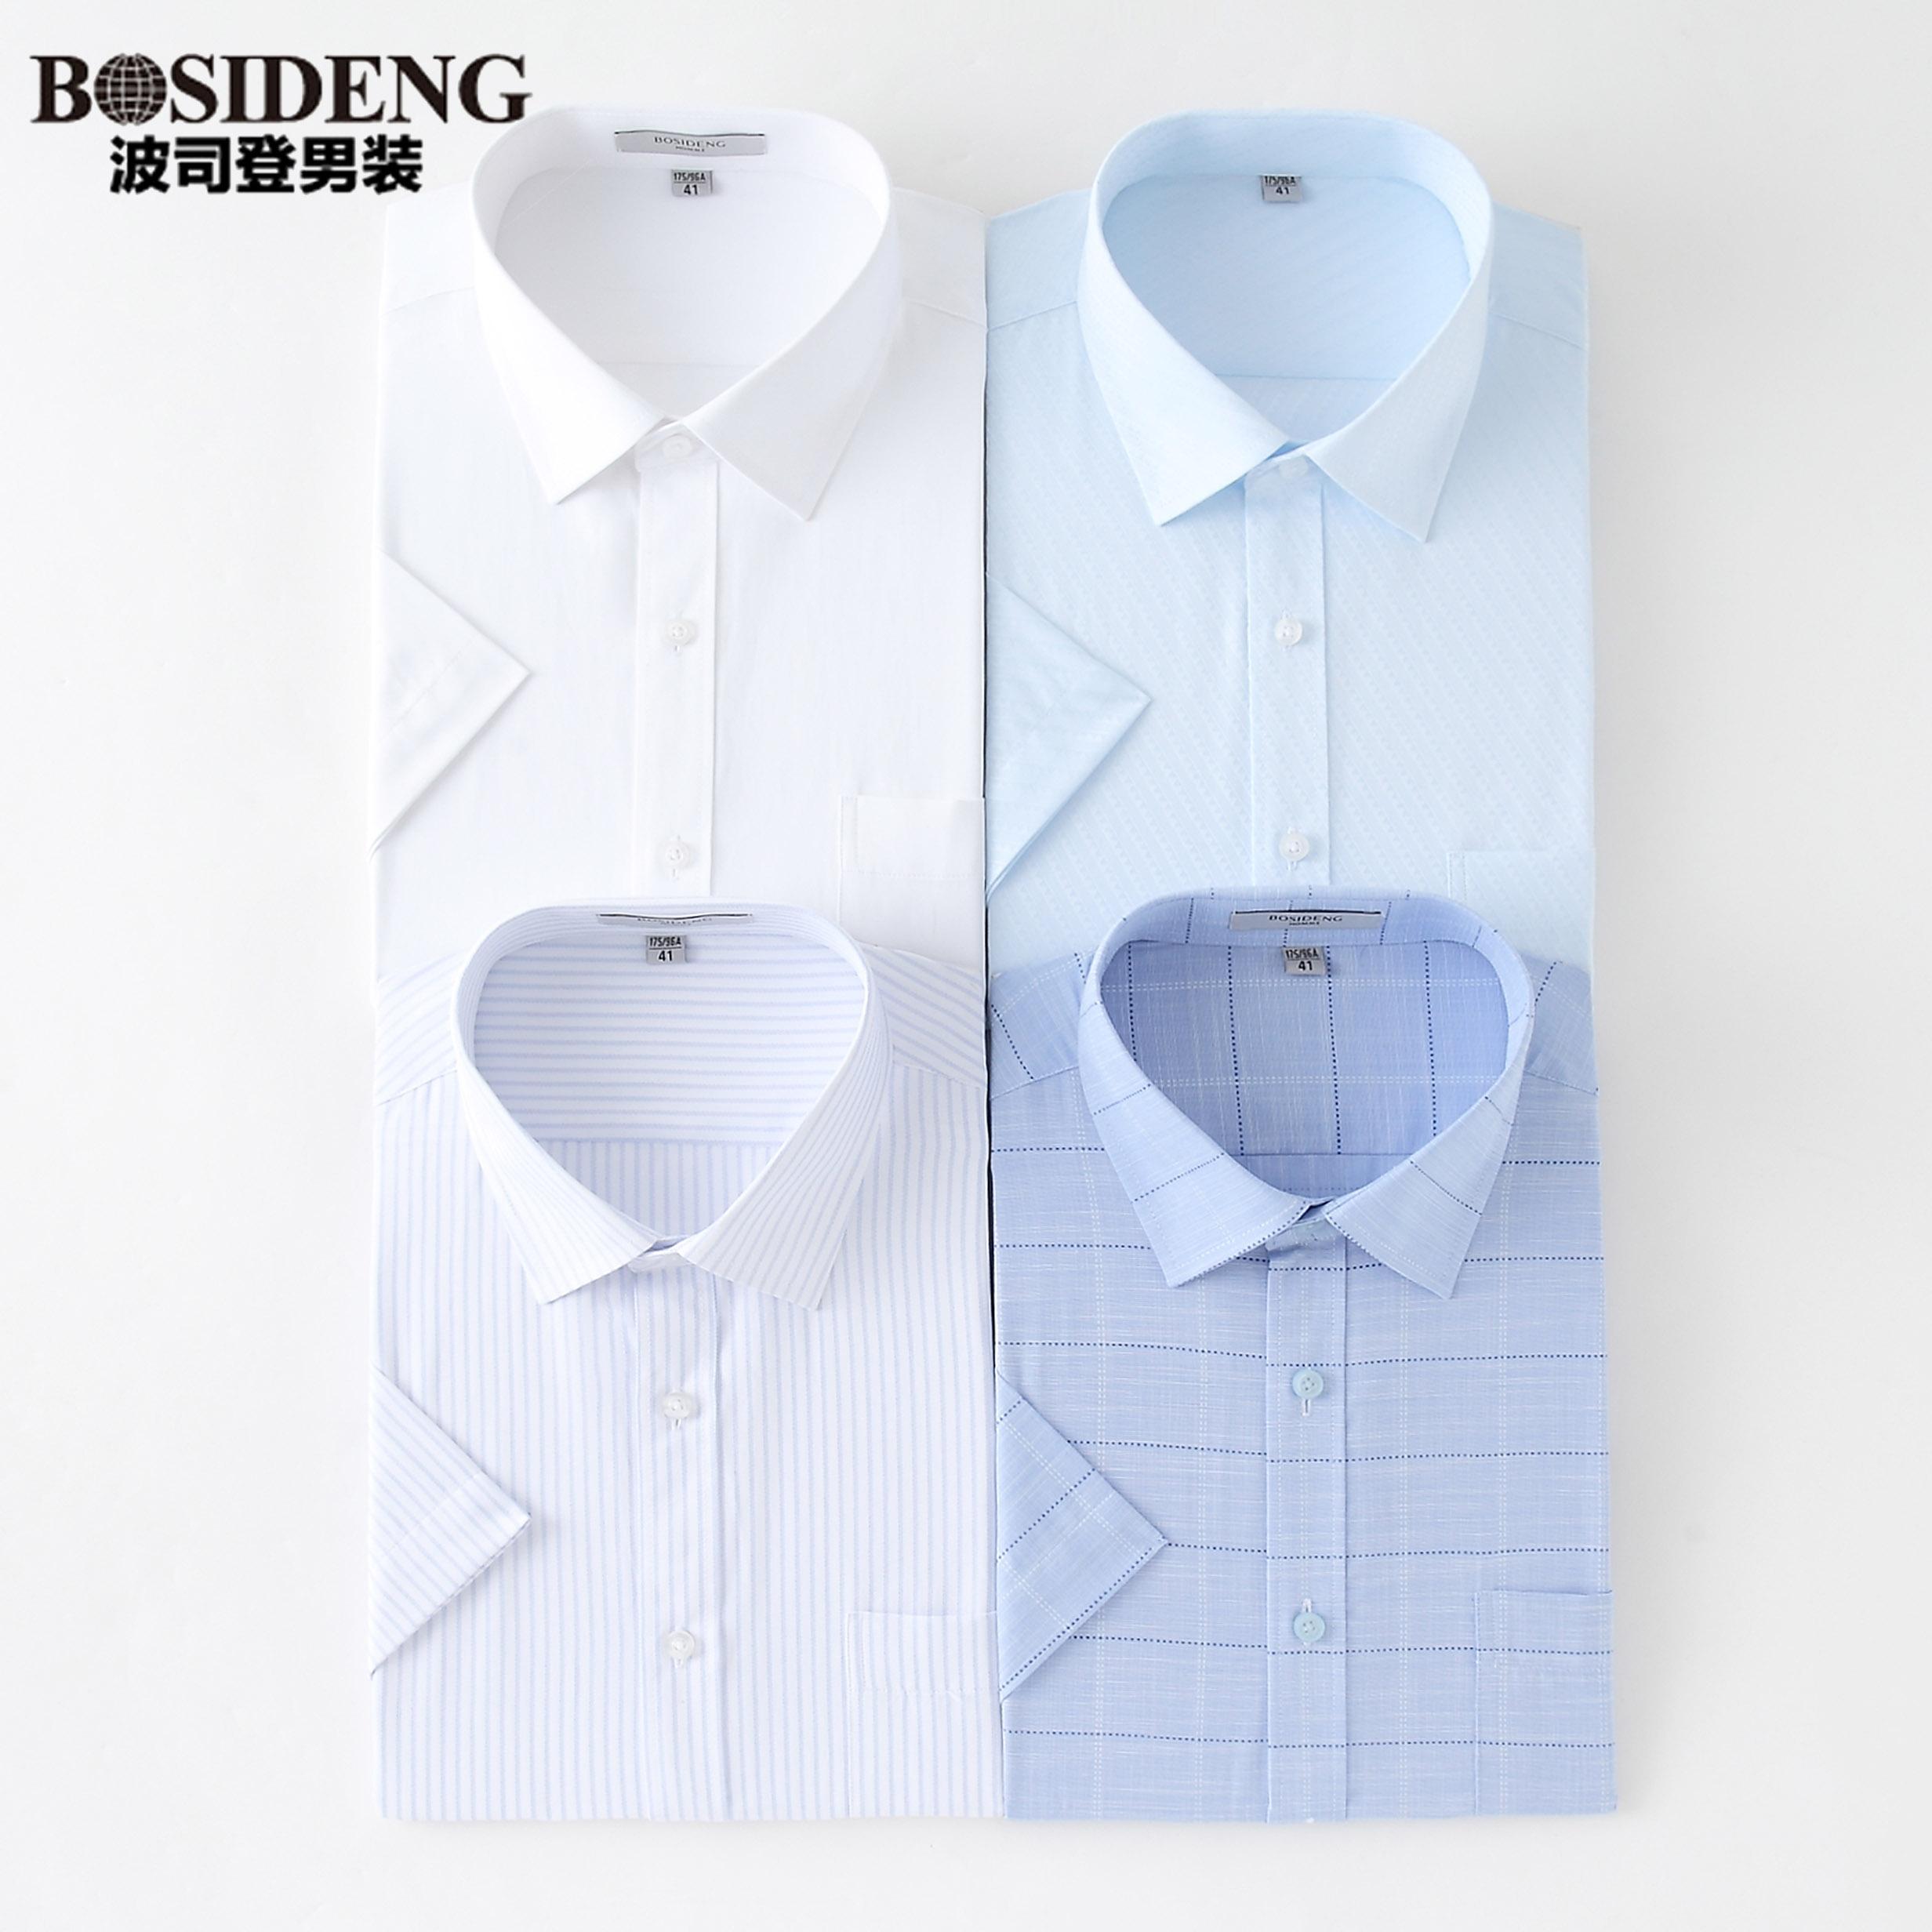 商務襯衫休閑襯衣透氣夏季波司登格子男青年短袖男式半袖